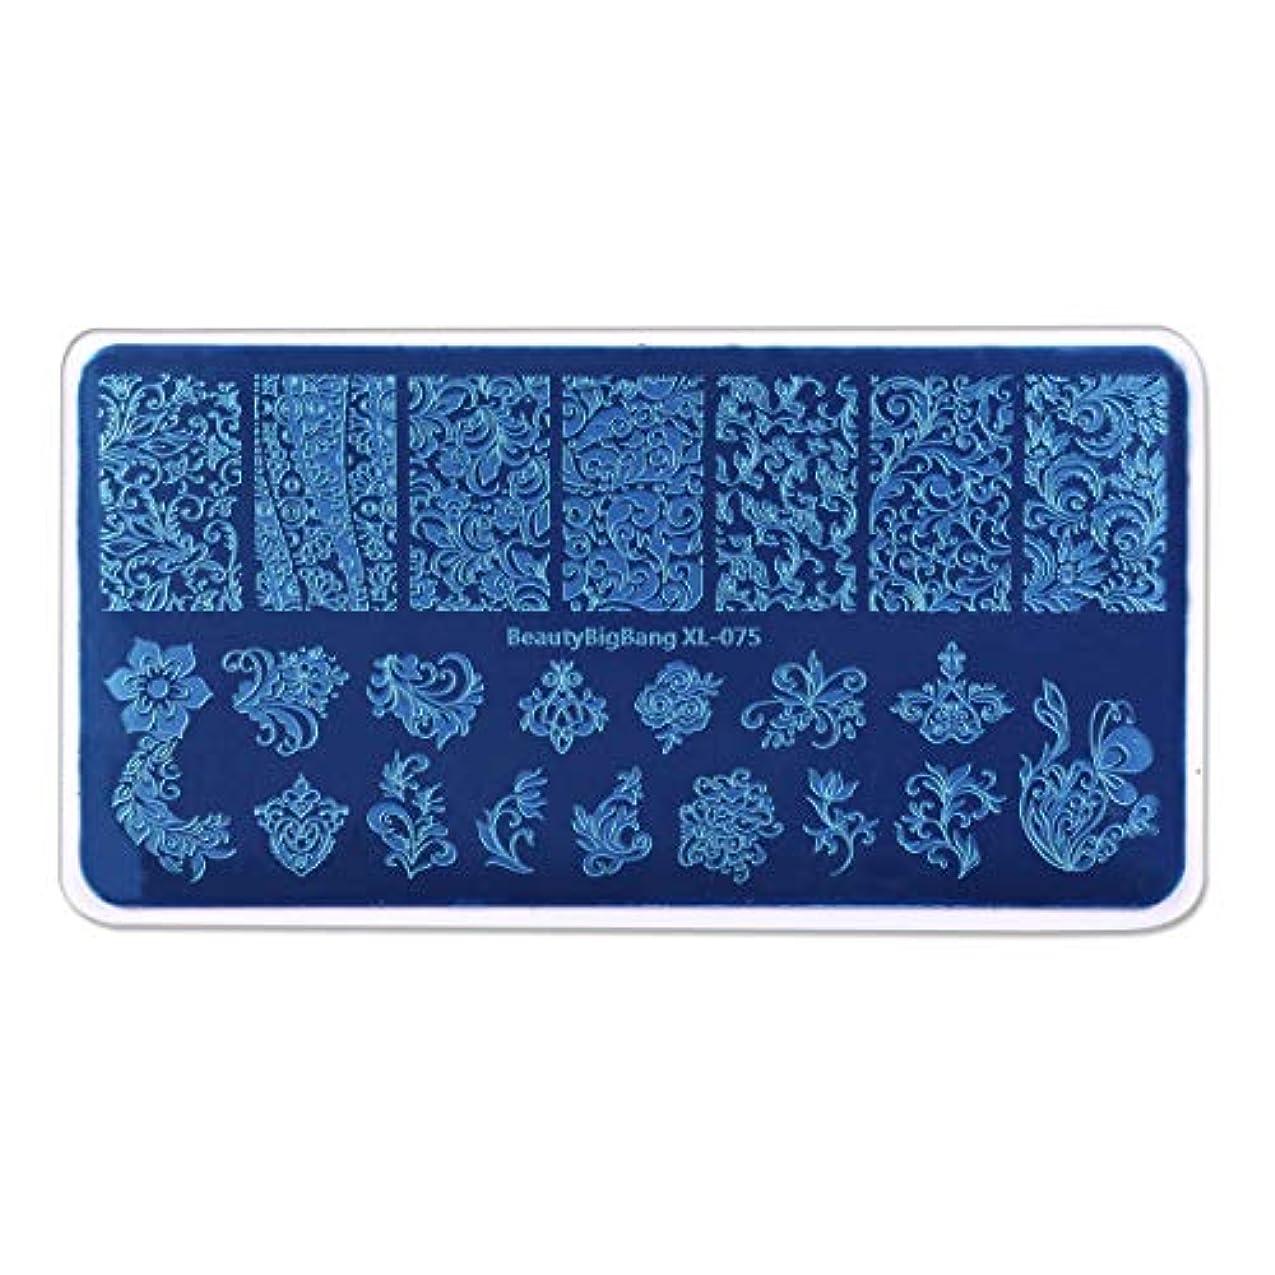 相互接続反乱傘Radiya ネイルプレートスタンピング花とつる柄ナチュラル系春夏に最適イメージプレートスタンプネイルプレートネイルステンシルケース付き長方形スタンピンクネイルプレートアートマニキュアツール